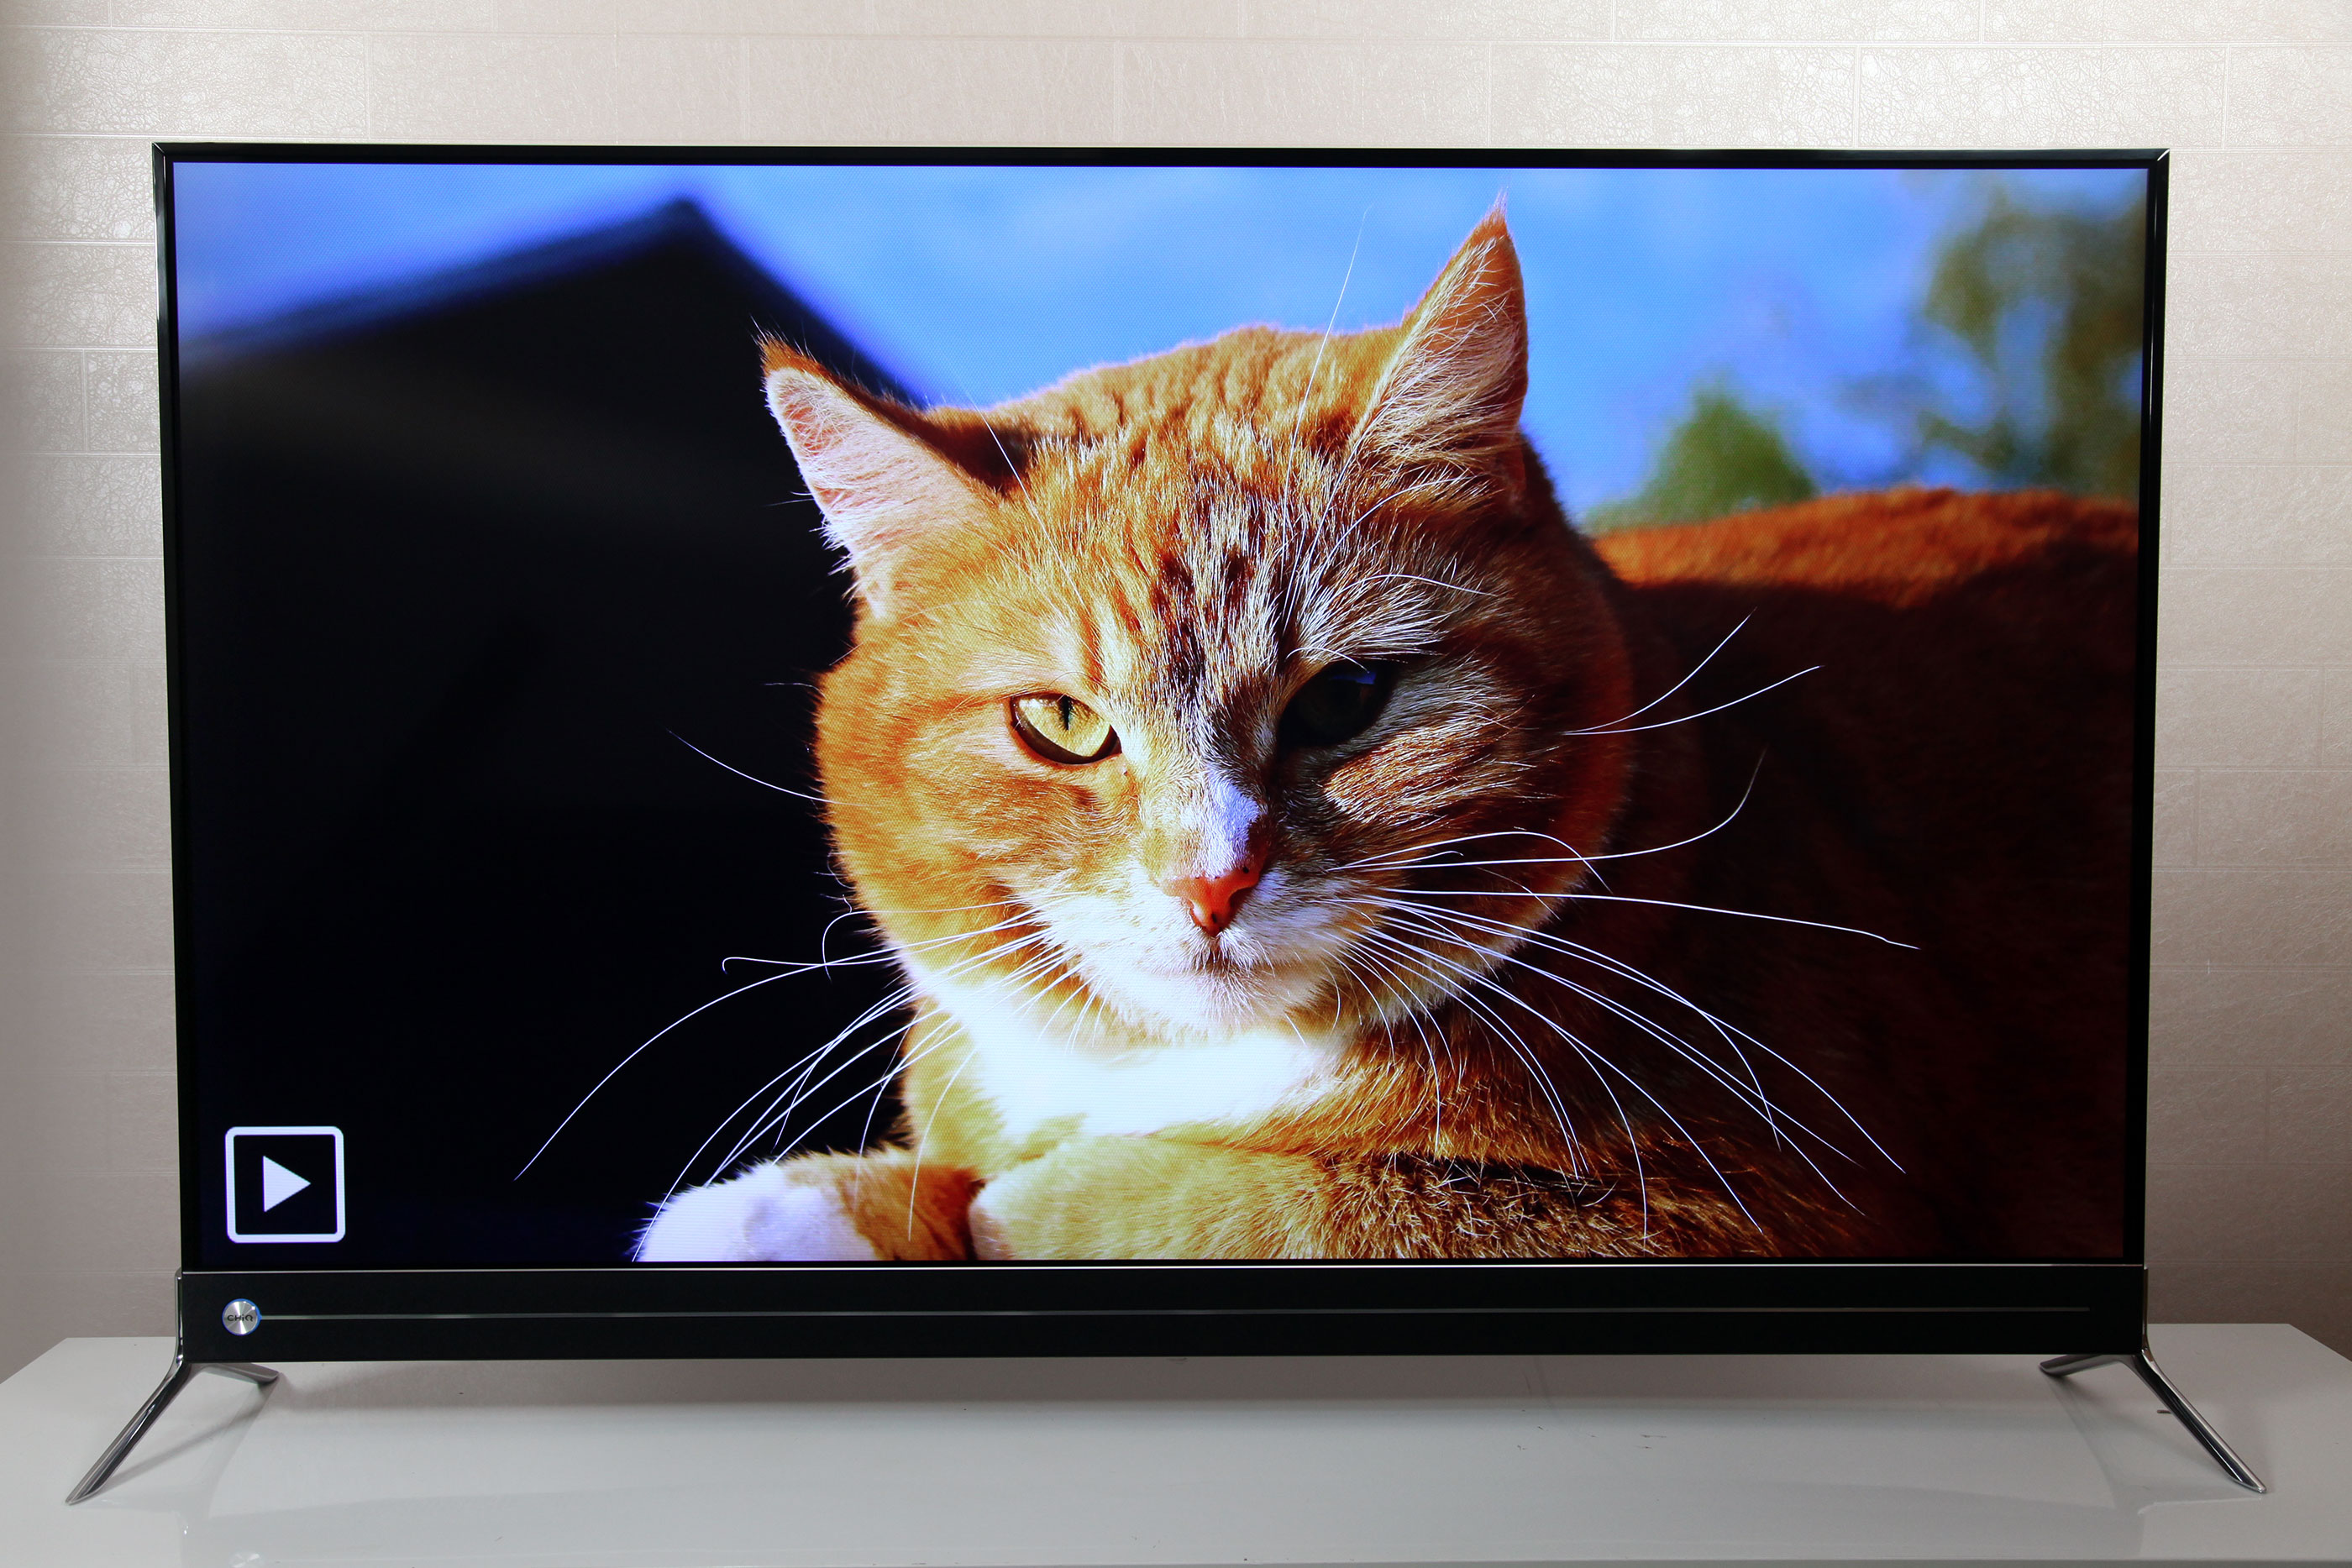 全程HDR+智能三分频 长虹电视Q5K画质音质体验